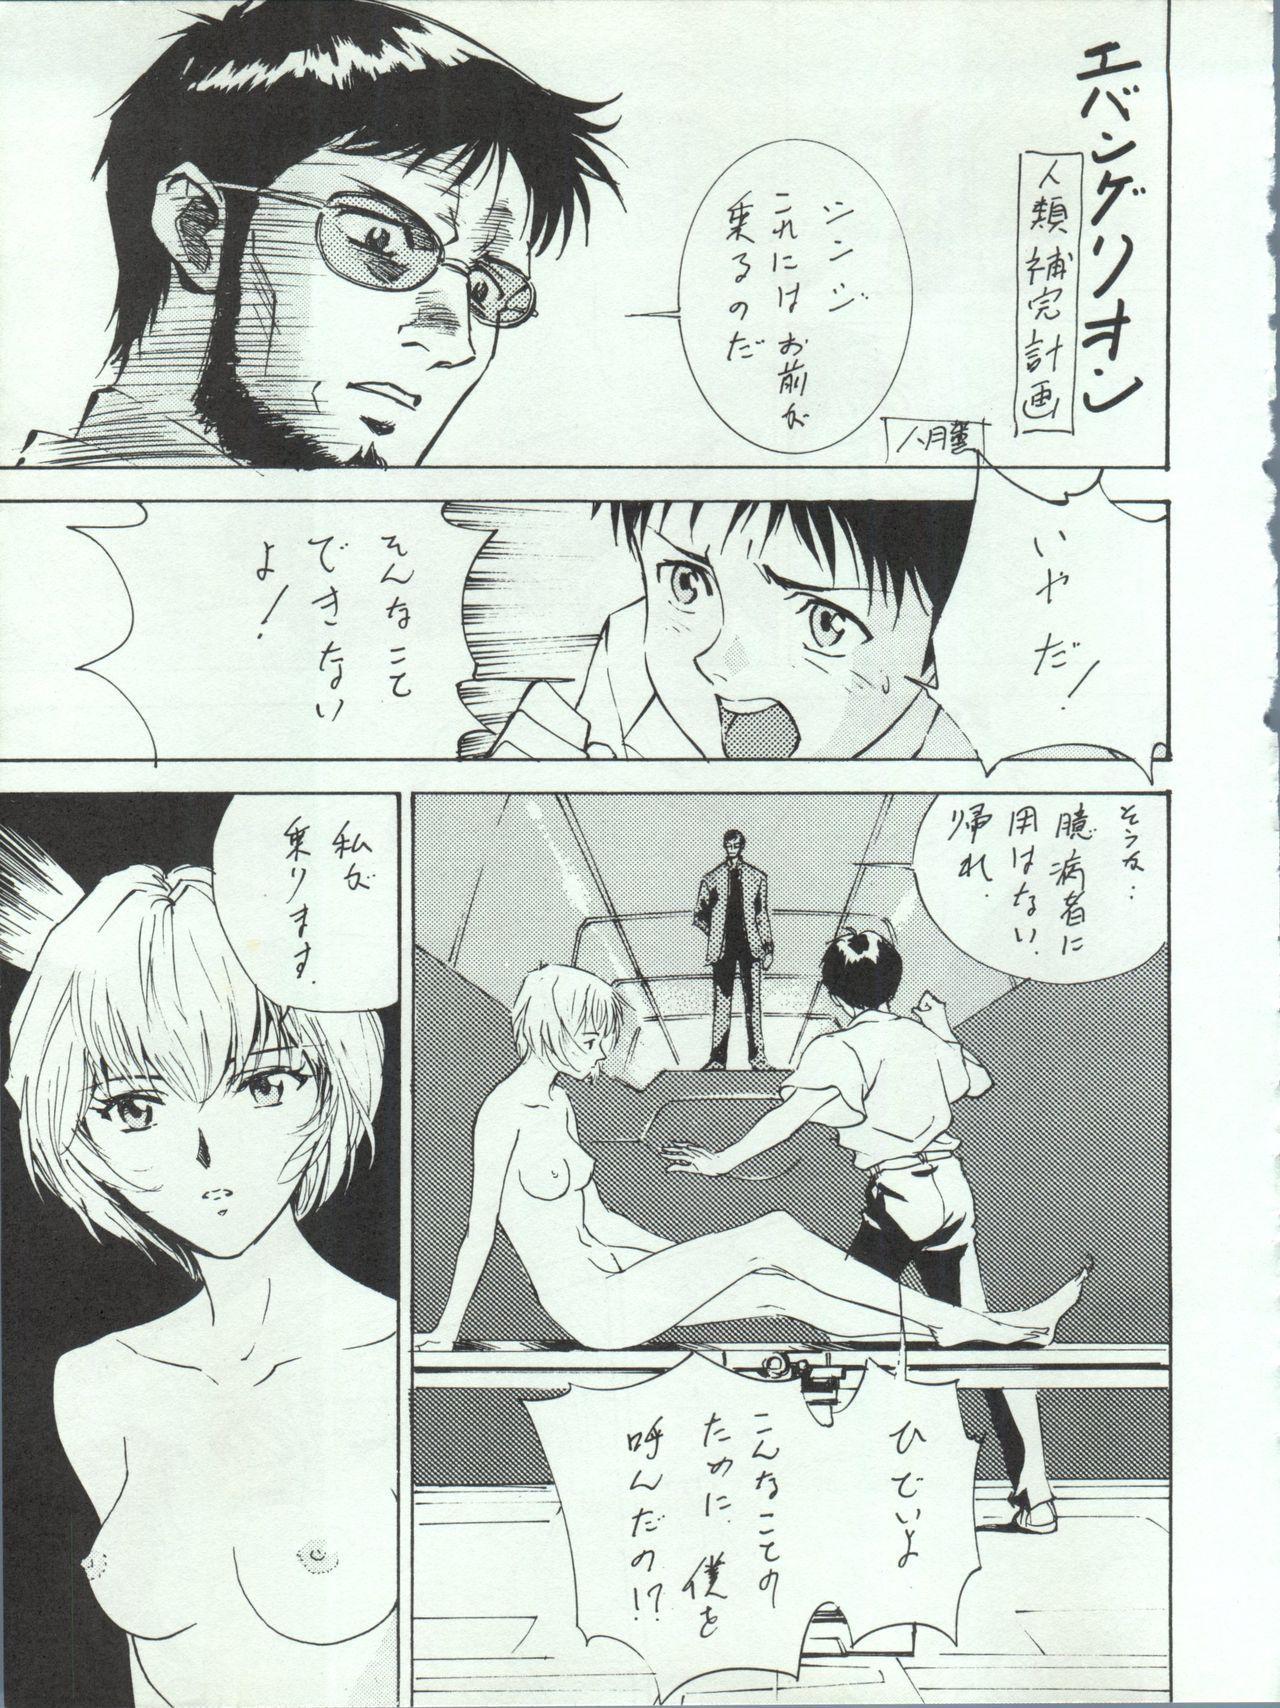 Wanpaku Anime 5 Daibakugeki 17